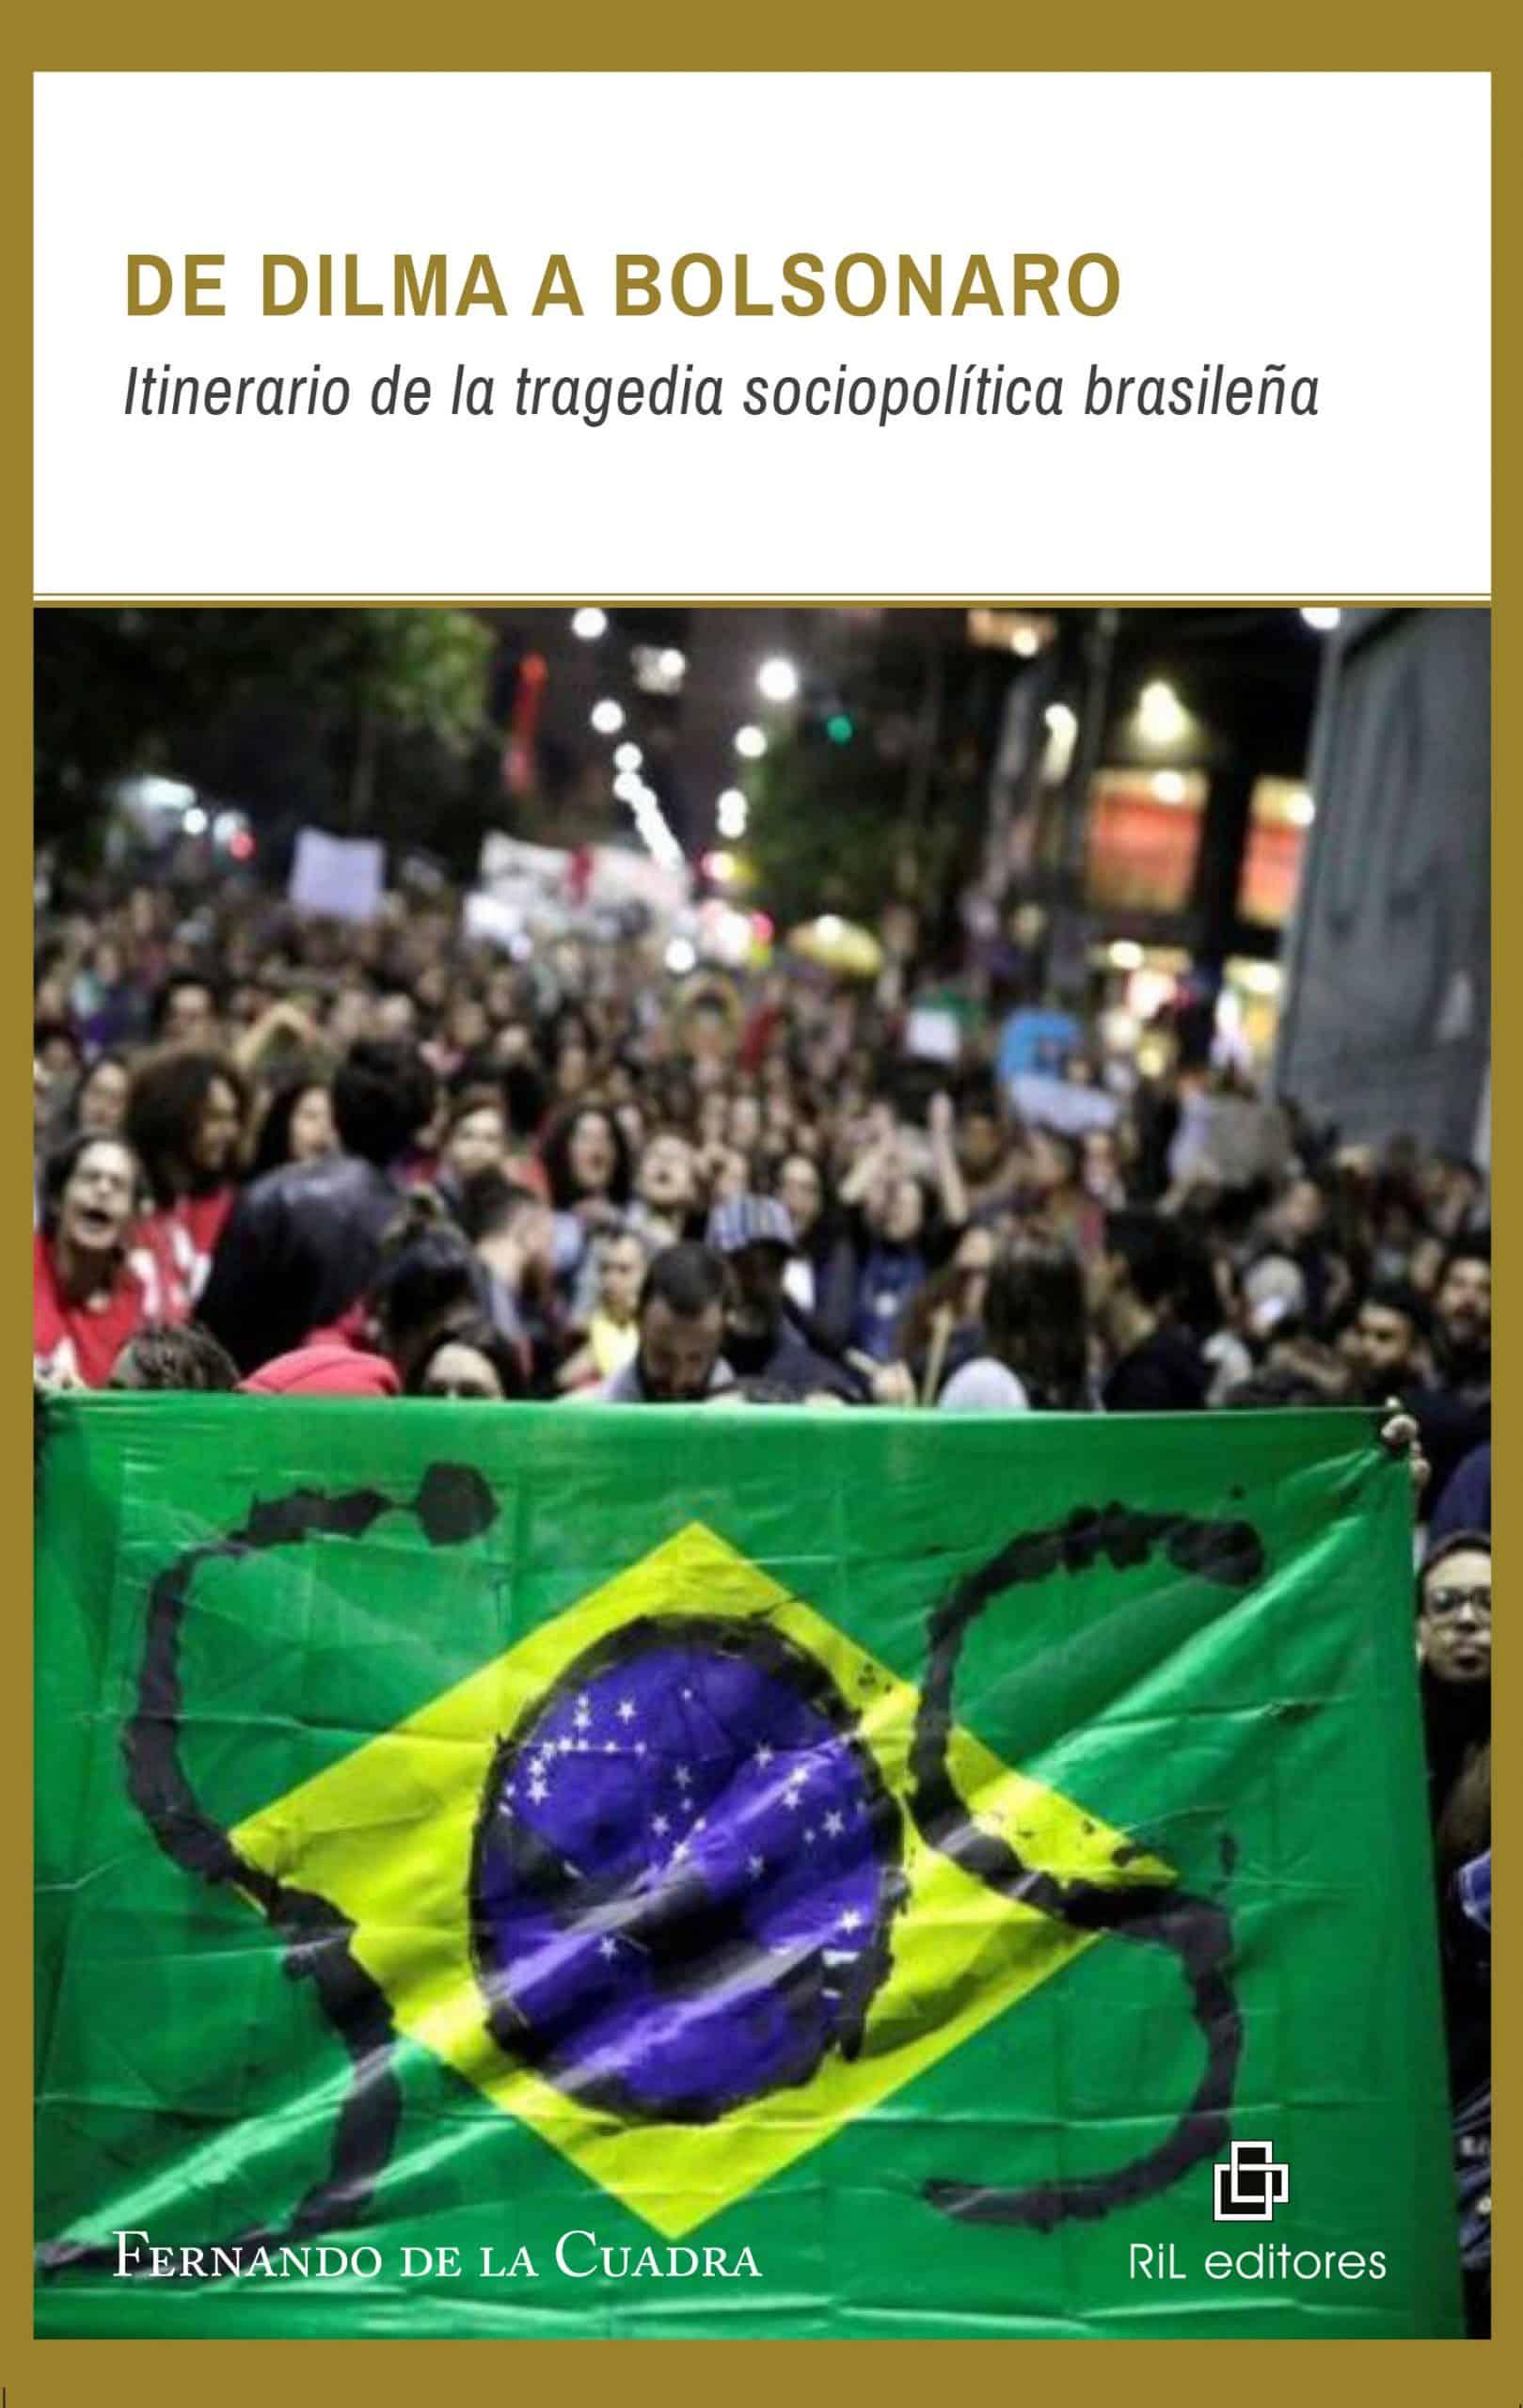 De Dilma a Bolsonaro. Itinerario de la tragedia sociopolítica brasileña 1